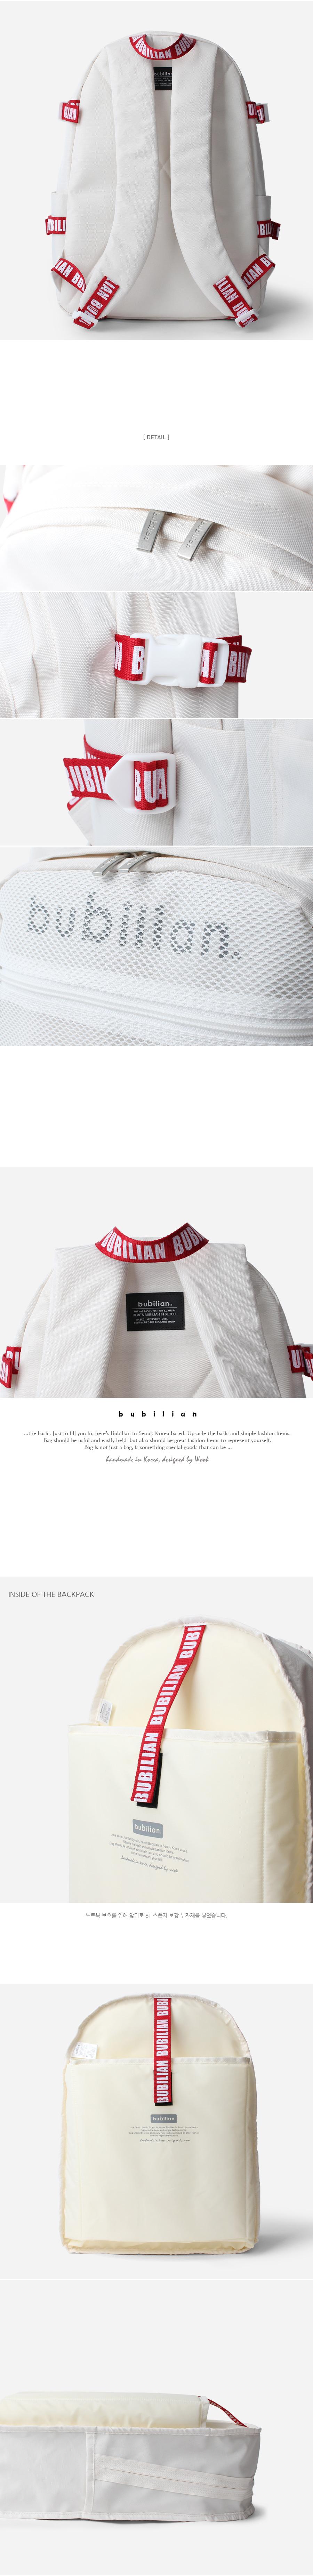 [키홀더 포함] bubilian 6447 3D backpack_cream